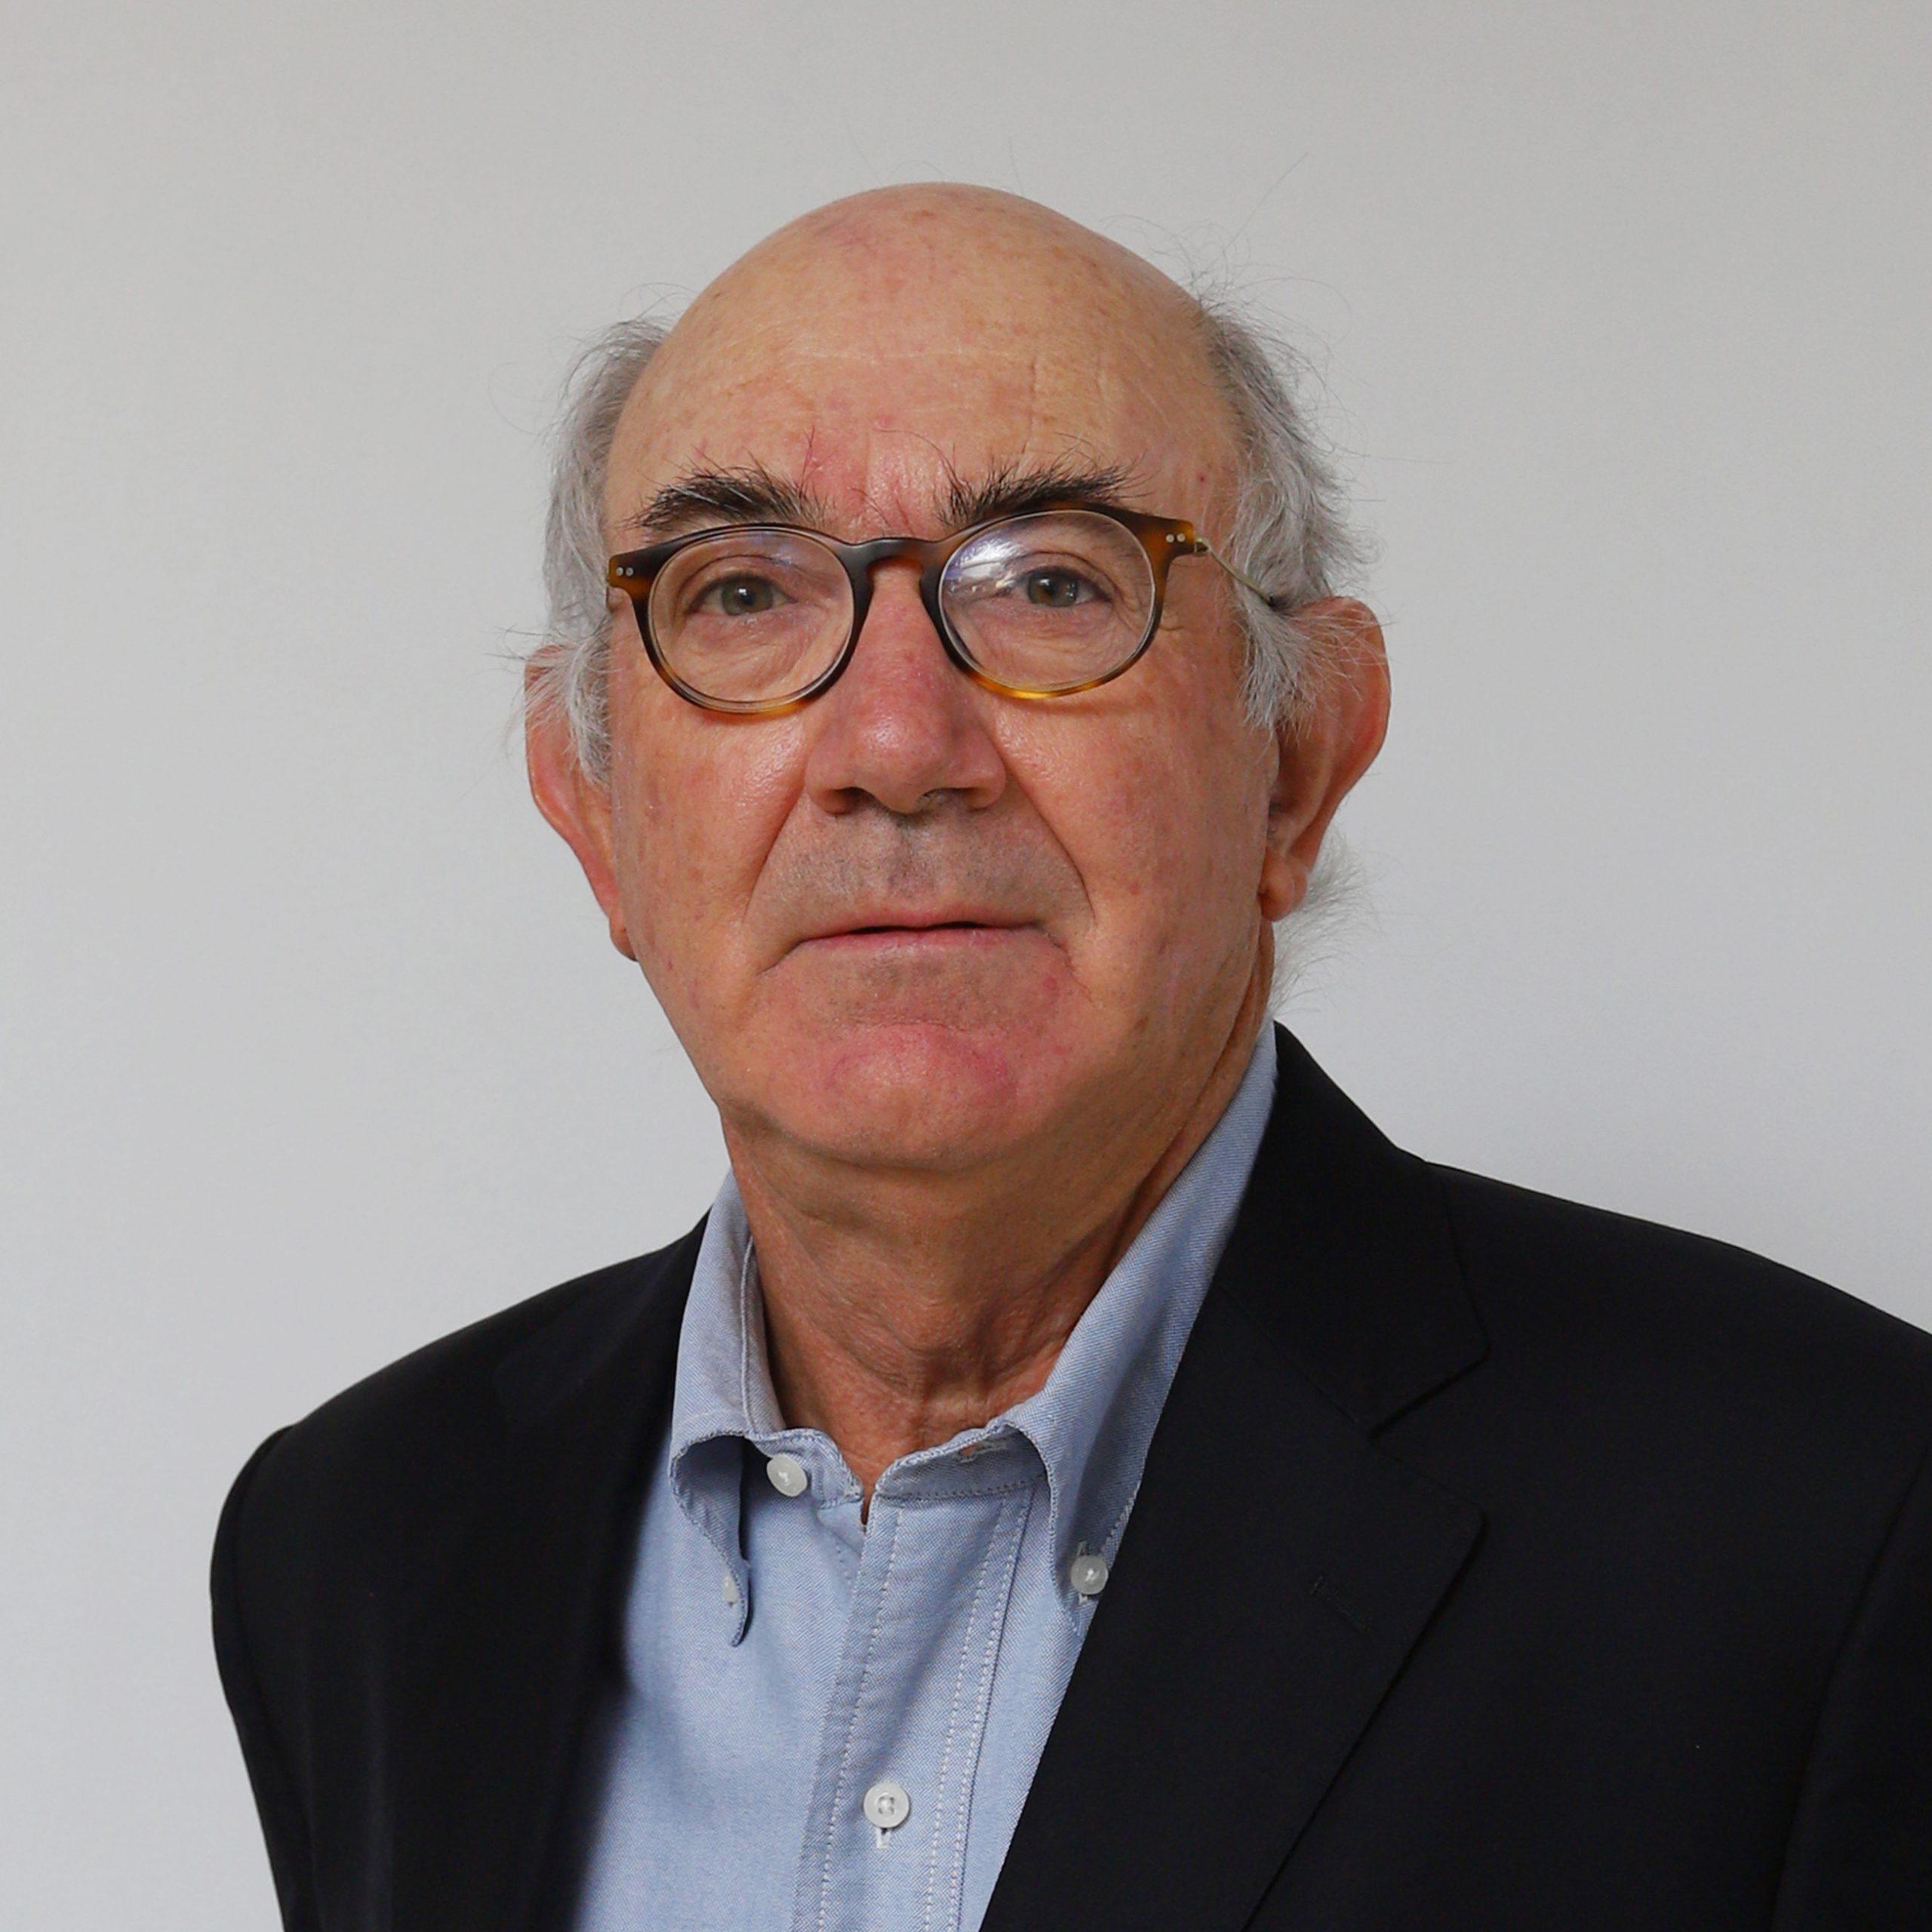 Henrique Carvalhão